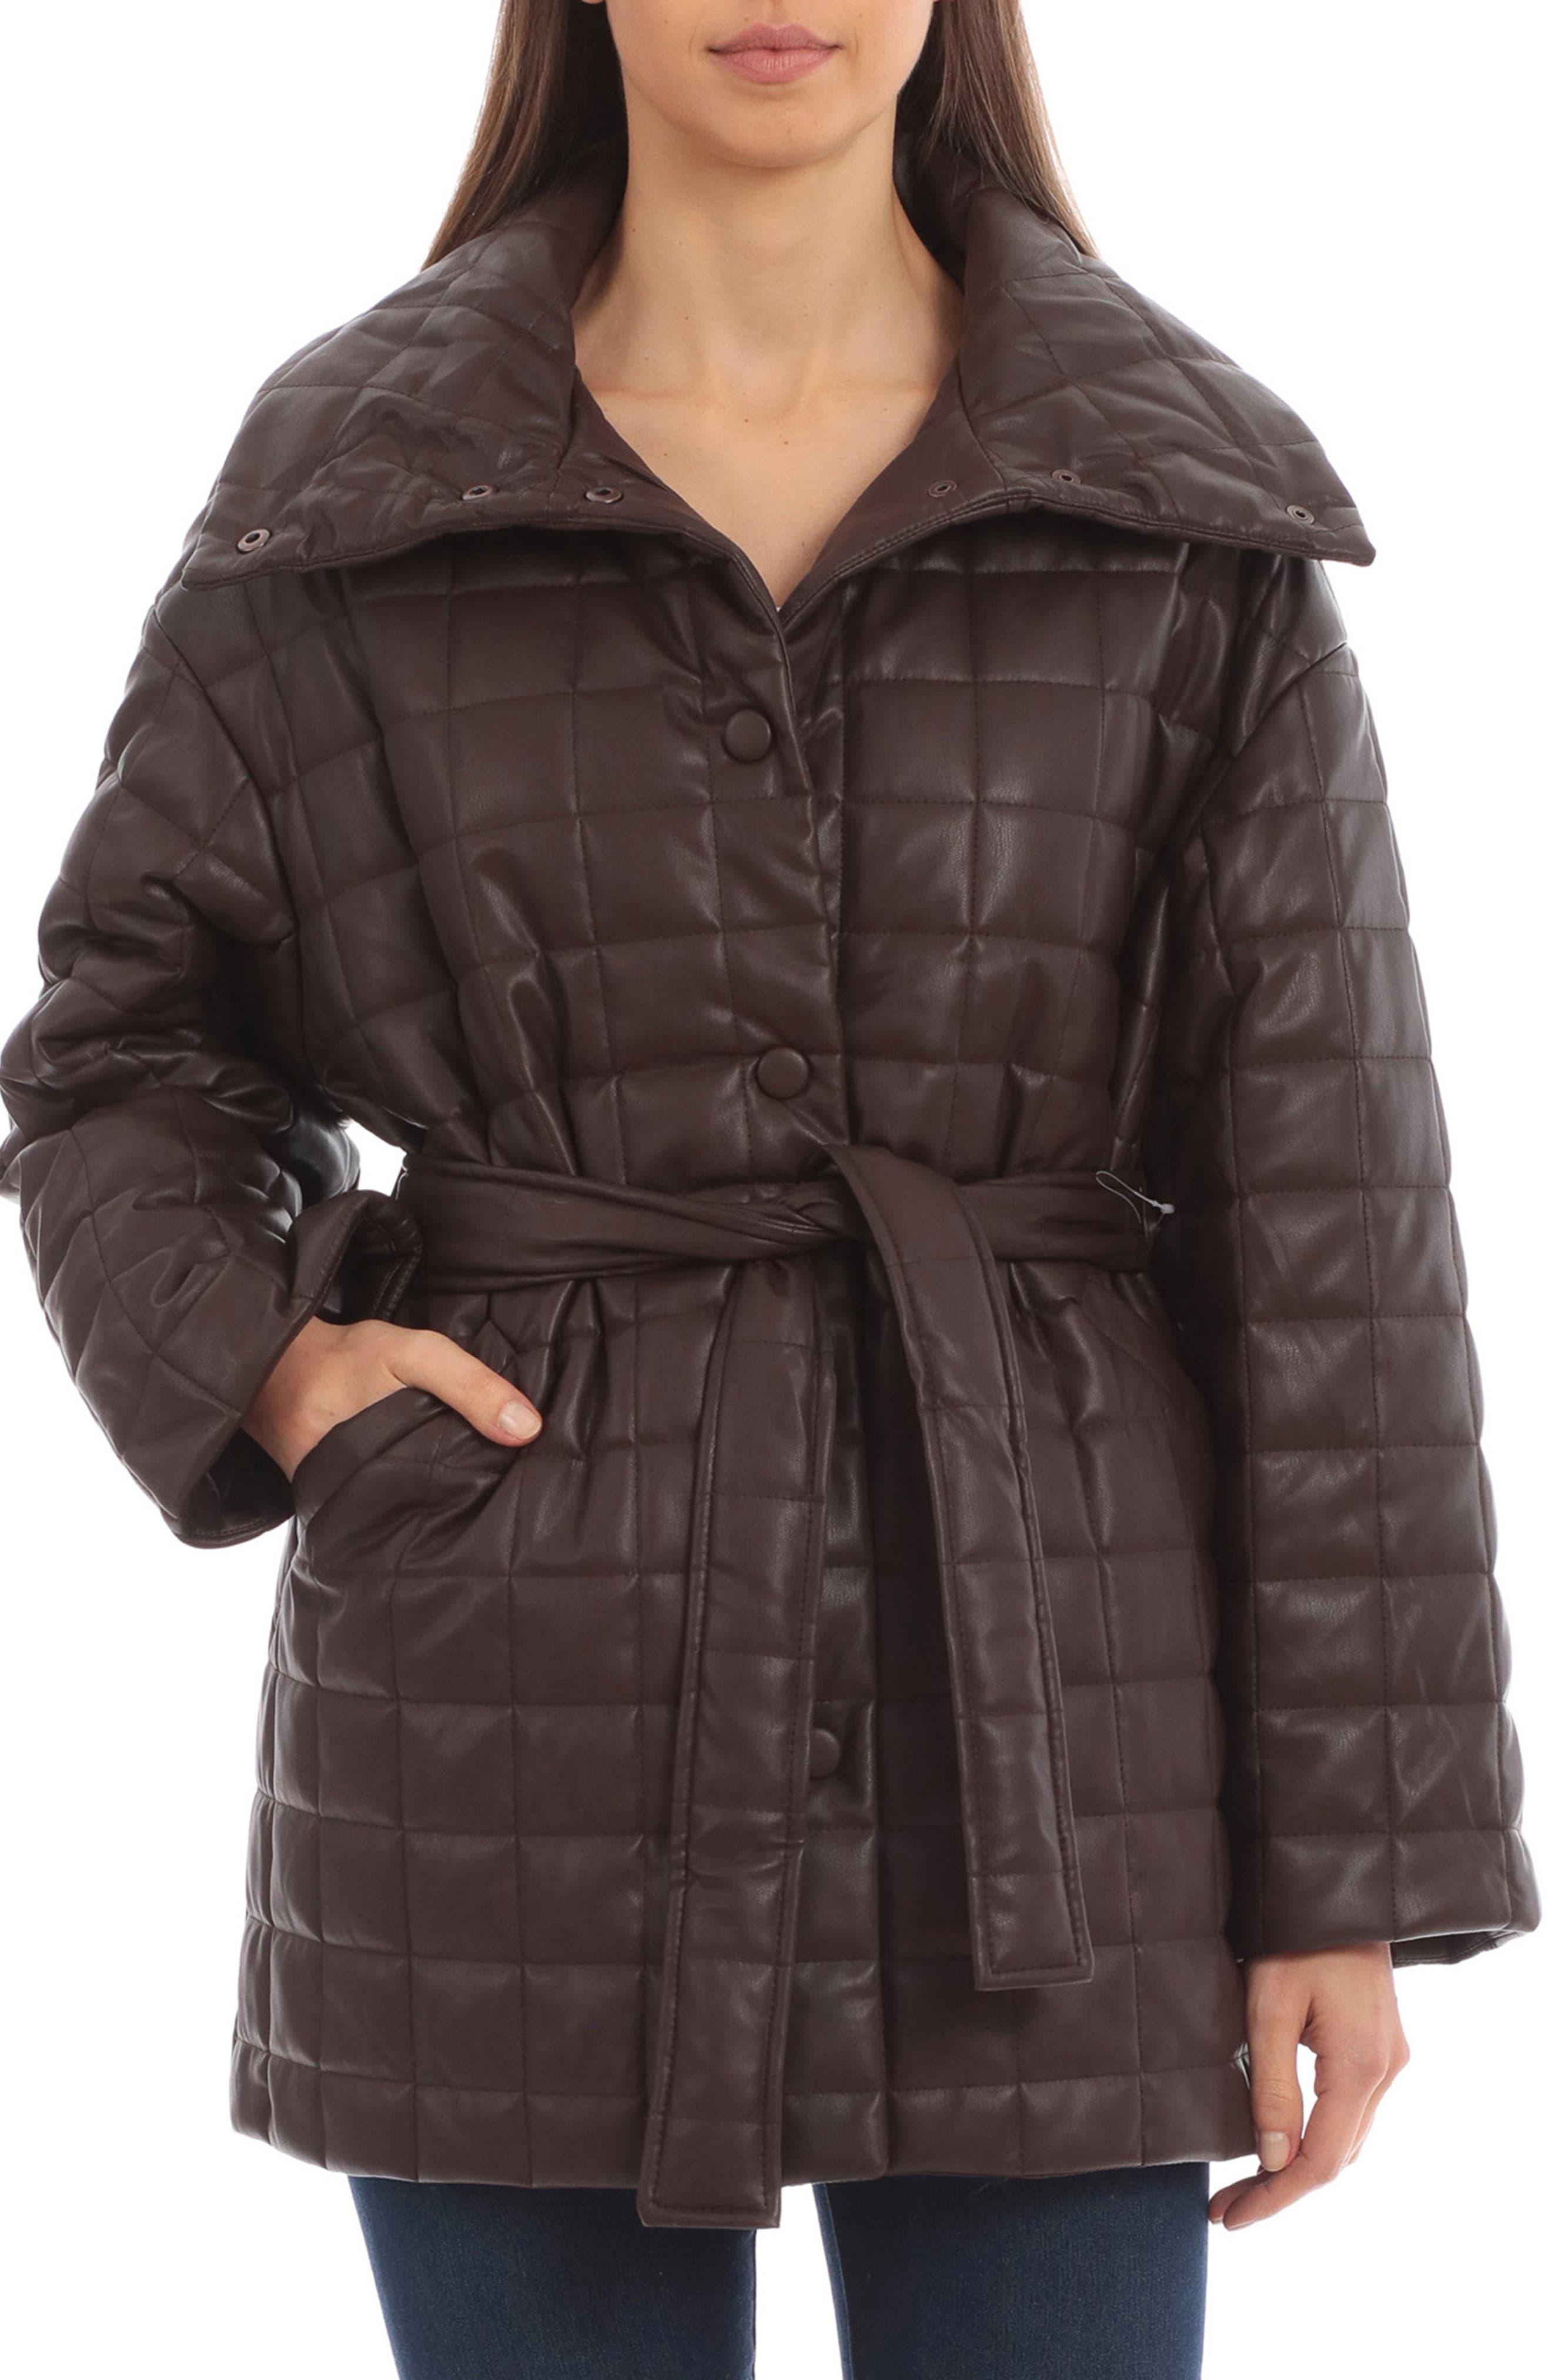 Box Quilt Faux Leather Coat